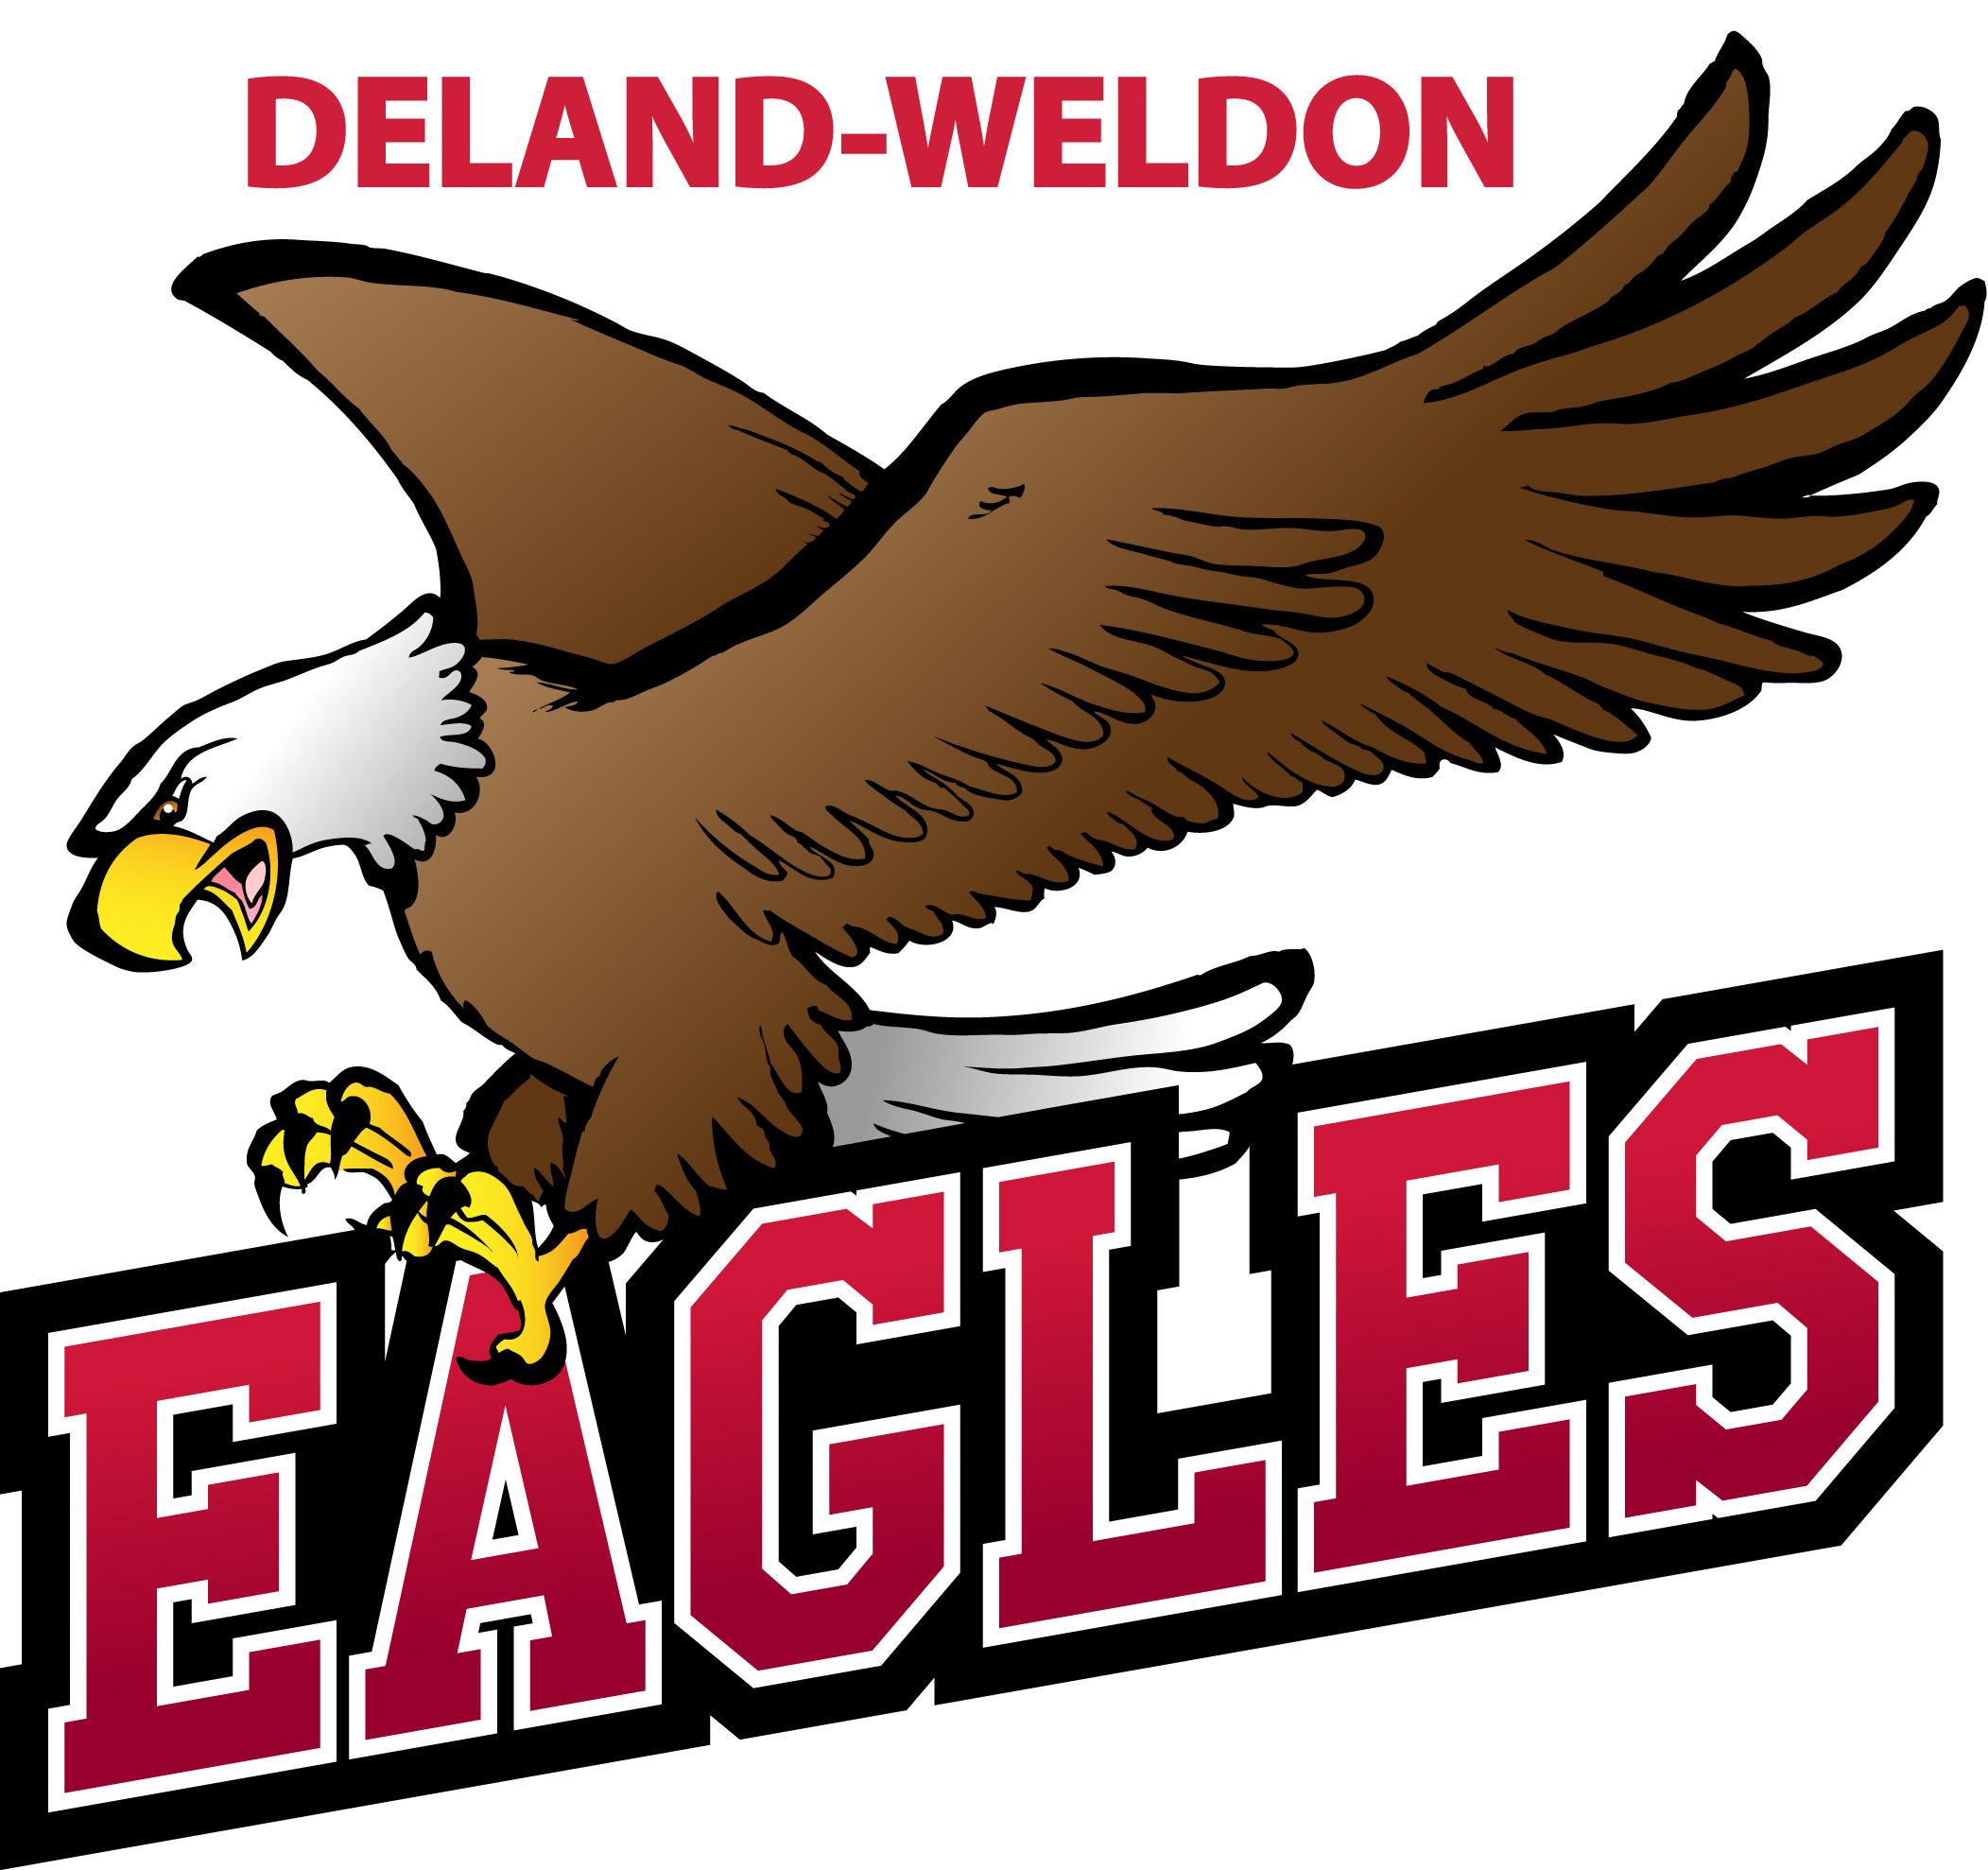 DeLand.